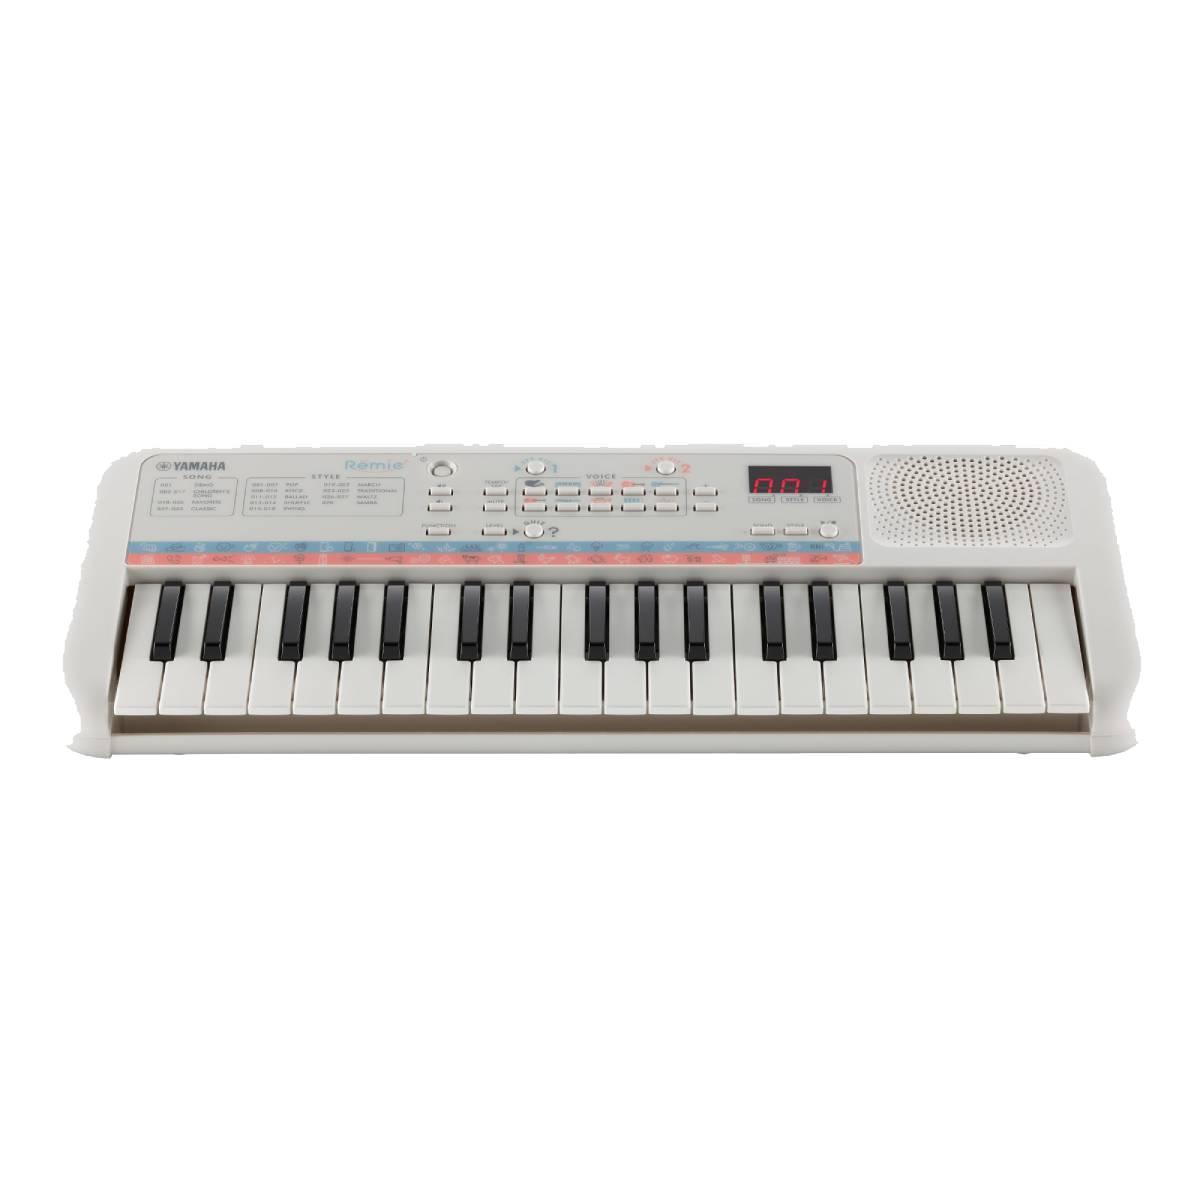 teclado-pss-e30-yamaha-2